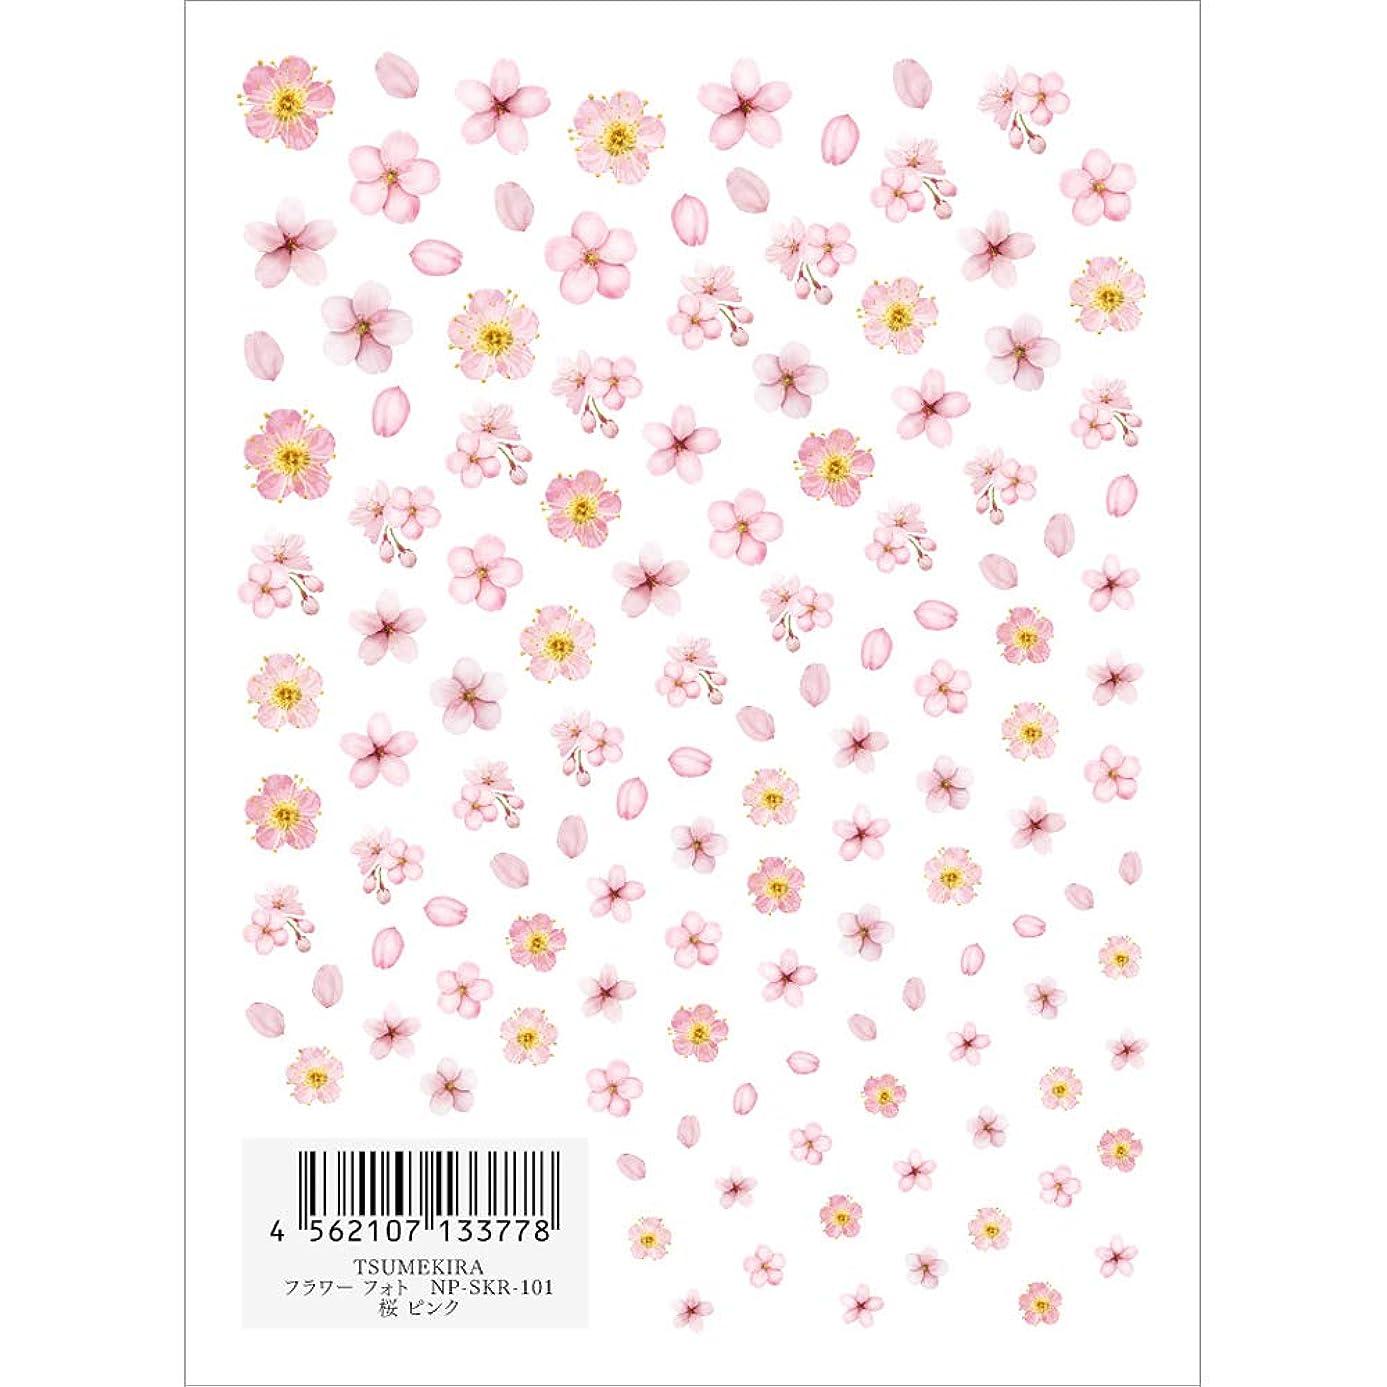 知恵変化する排泄物ツメキラ ネイル用シール フラワースタイル 桜ピンク  NP-SKR-101